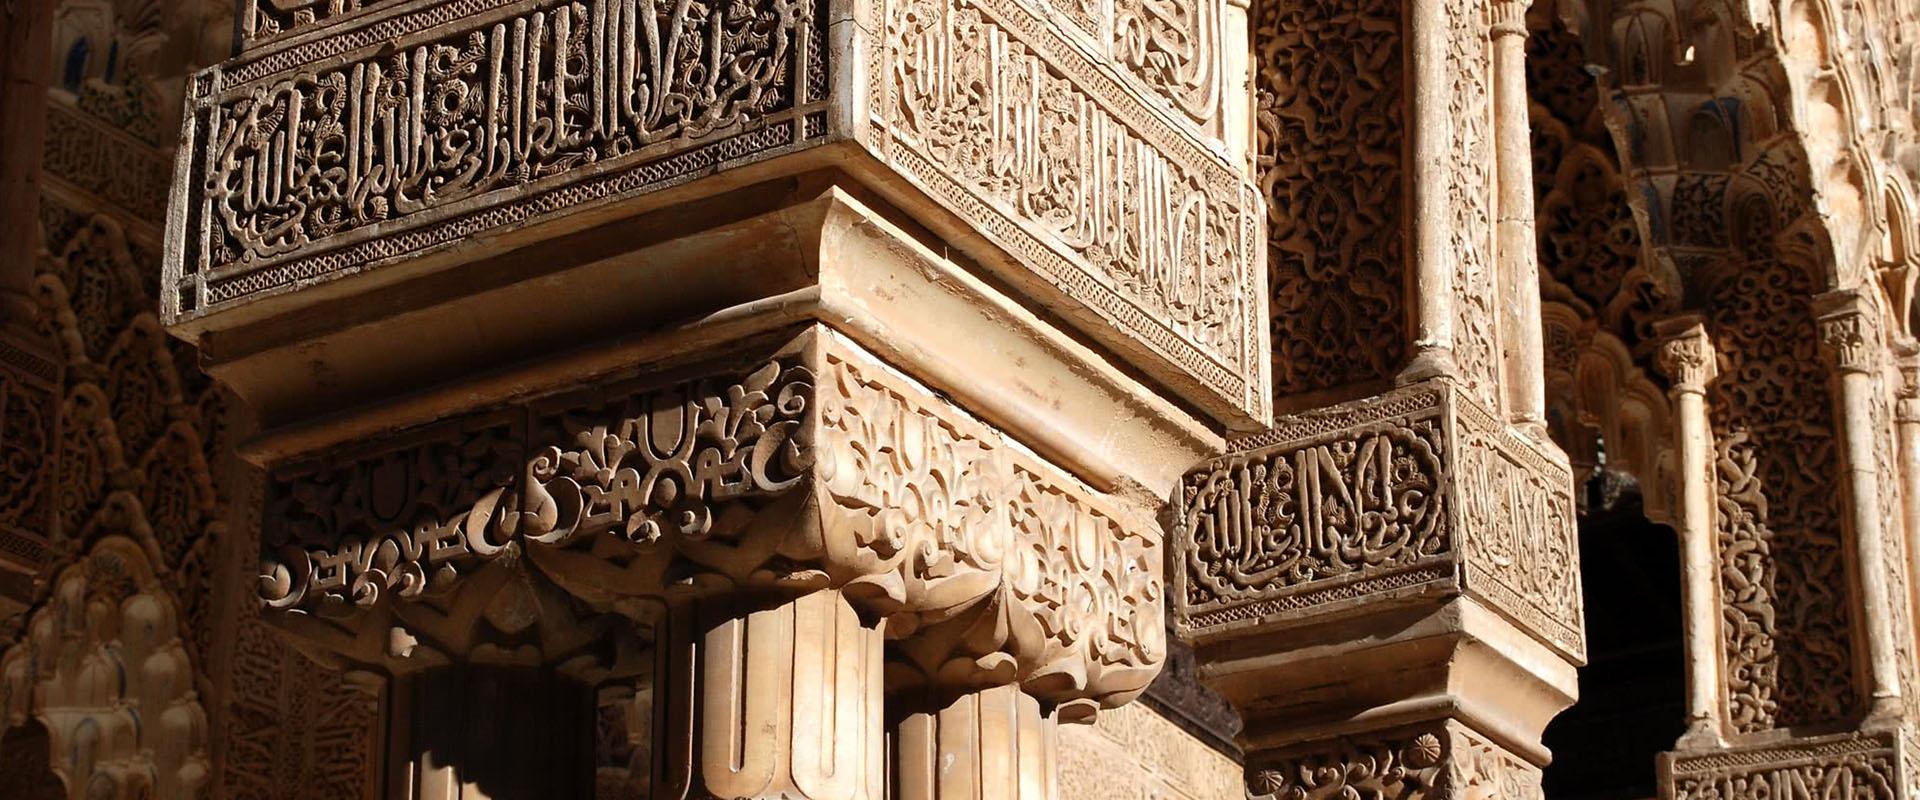 Detalle de arcos y columnas de la Alhambra